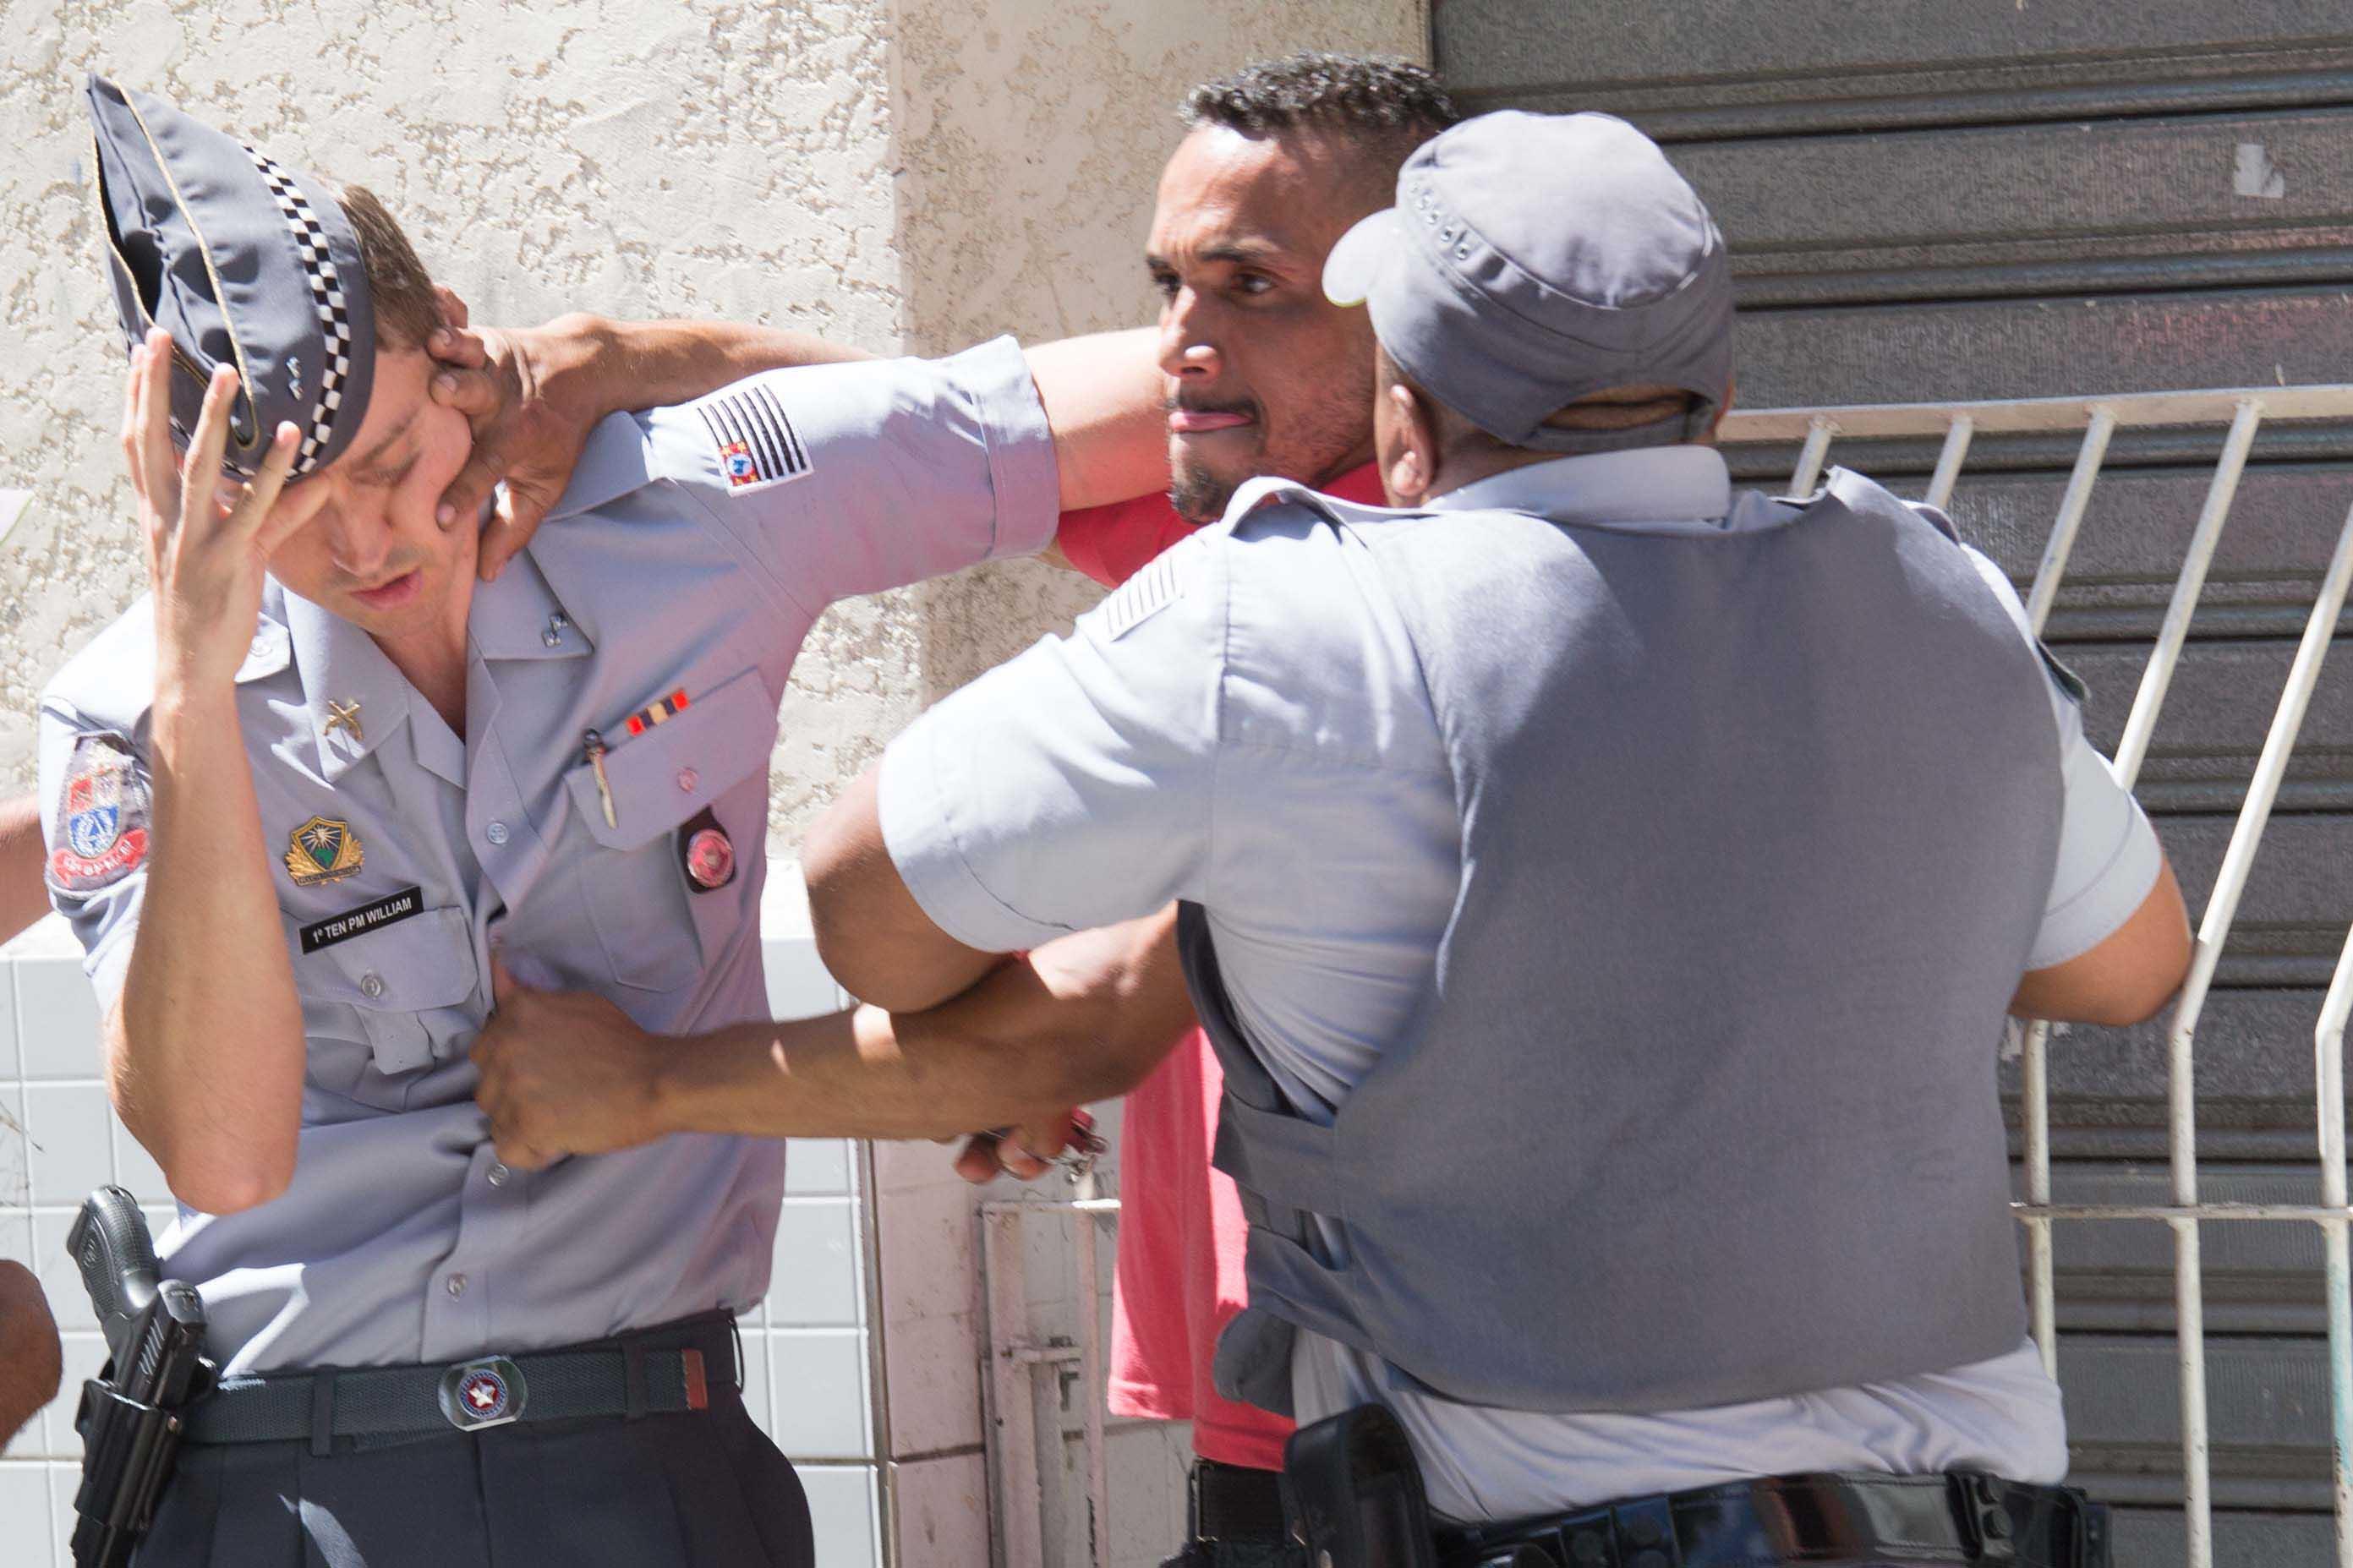 Homem agride policiais após tentar destruir veículo de emissora de rádio | Danilo Verpa/Folhapress